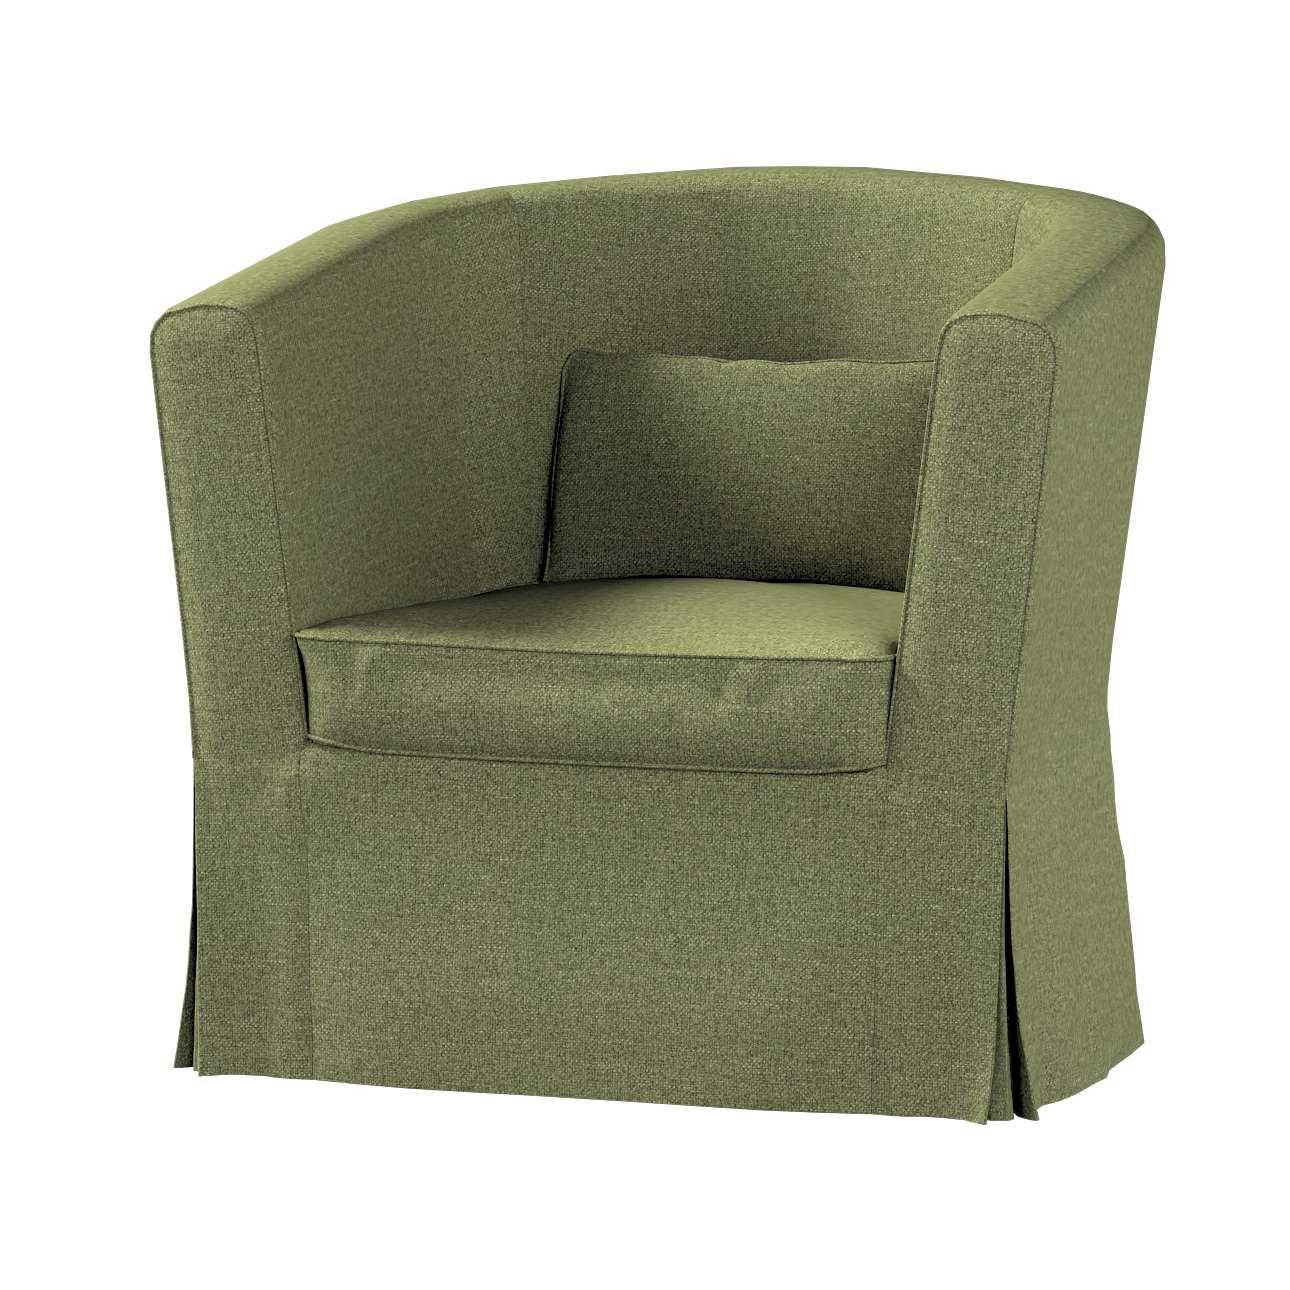 Pokrowiec na fotel Ektorp Tullsta w kolekcji Madrid, tkanina: 161-22